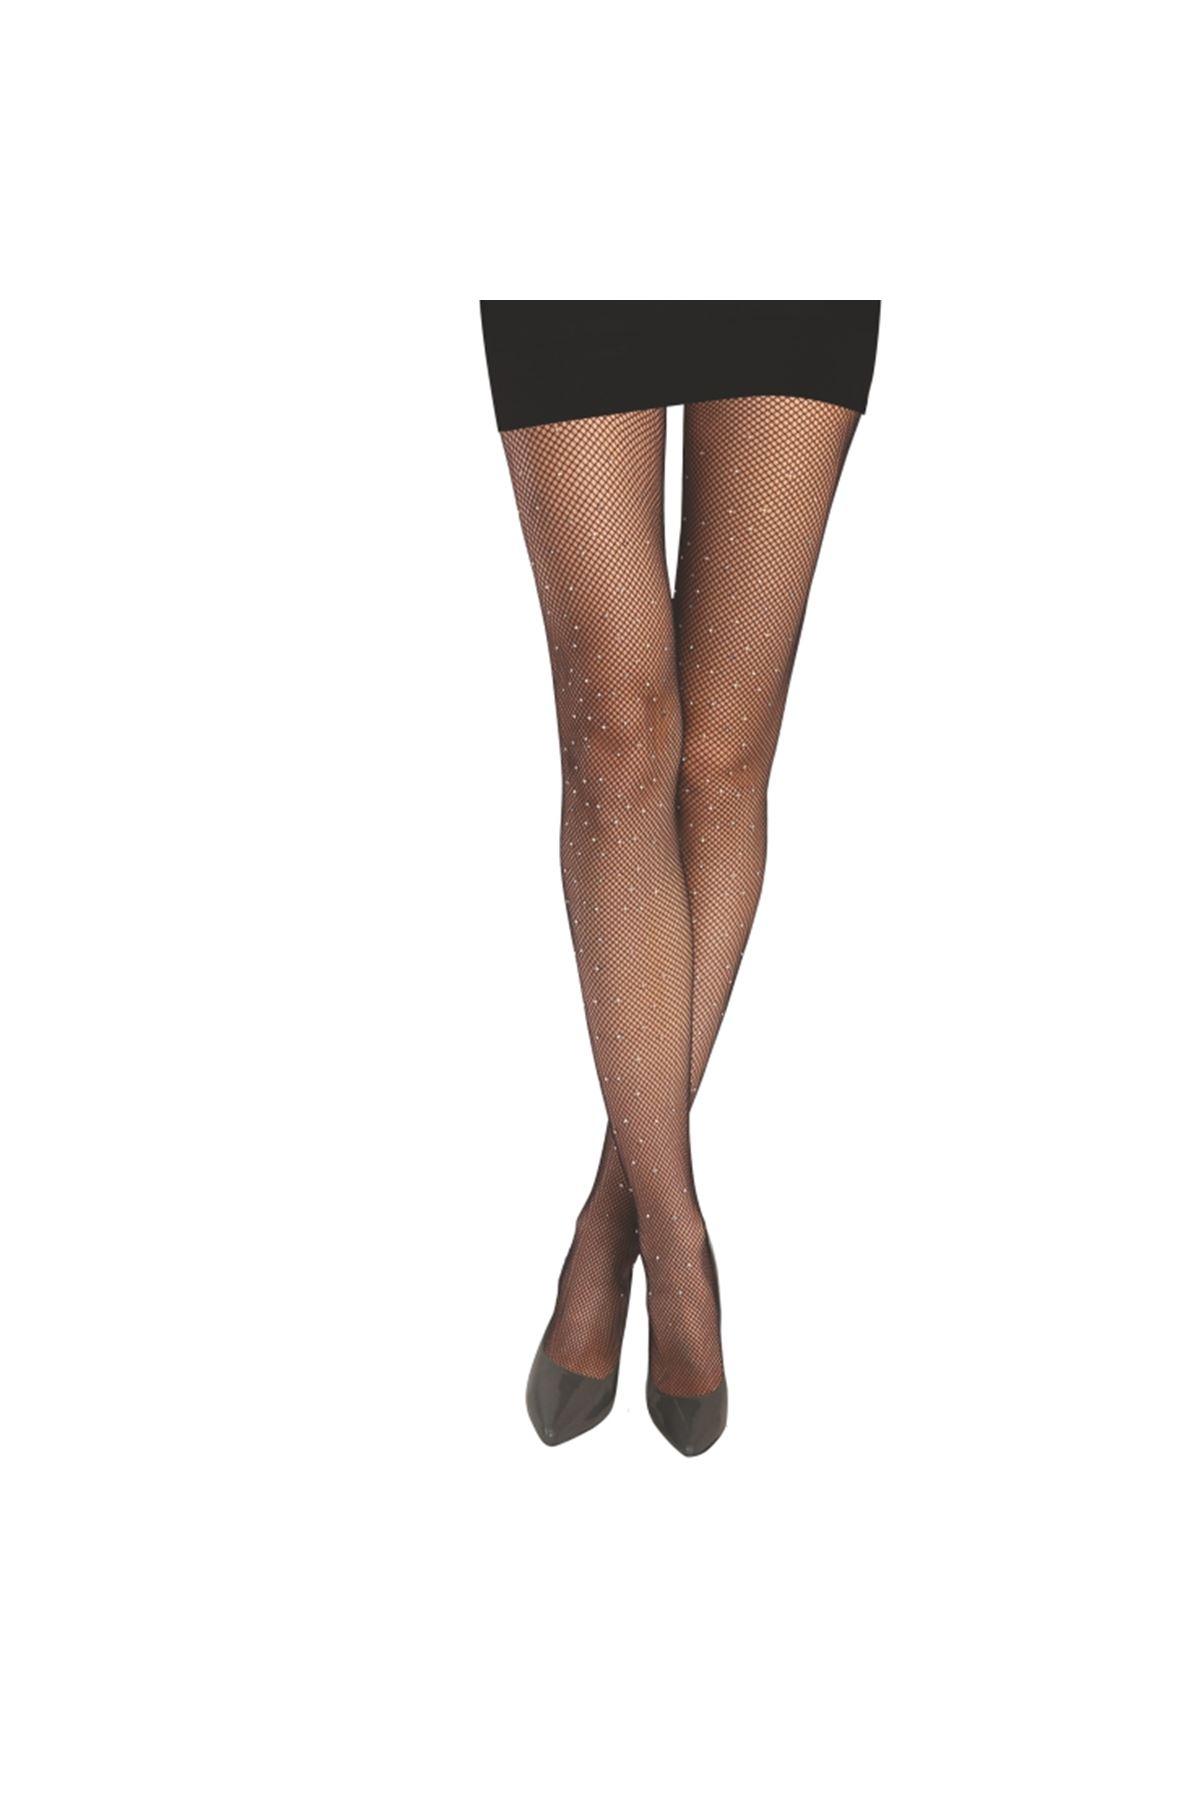 Daymod Rete File Taşlı Çorap Siyah